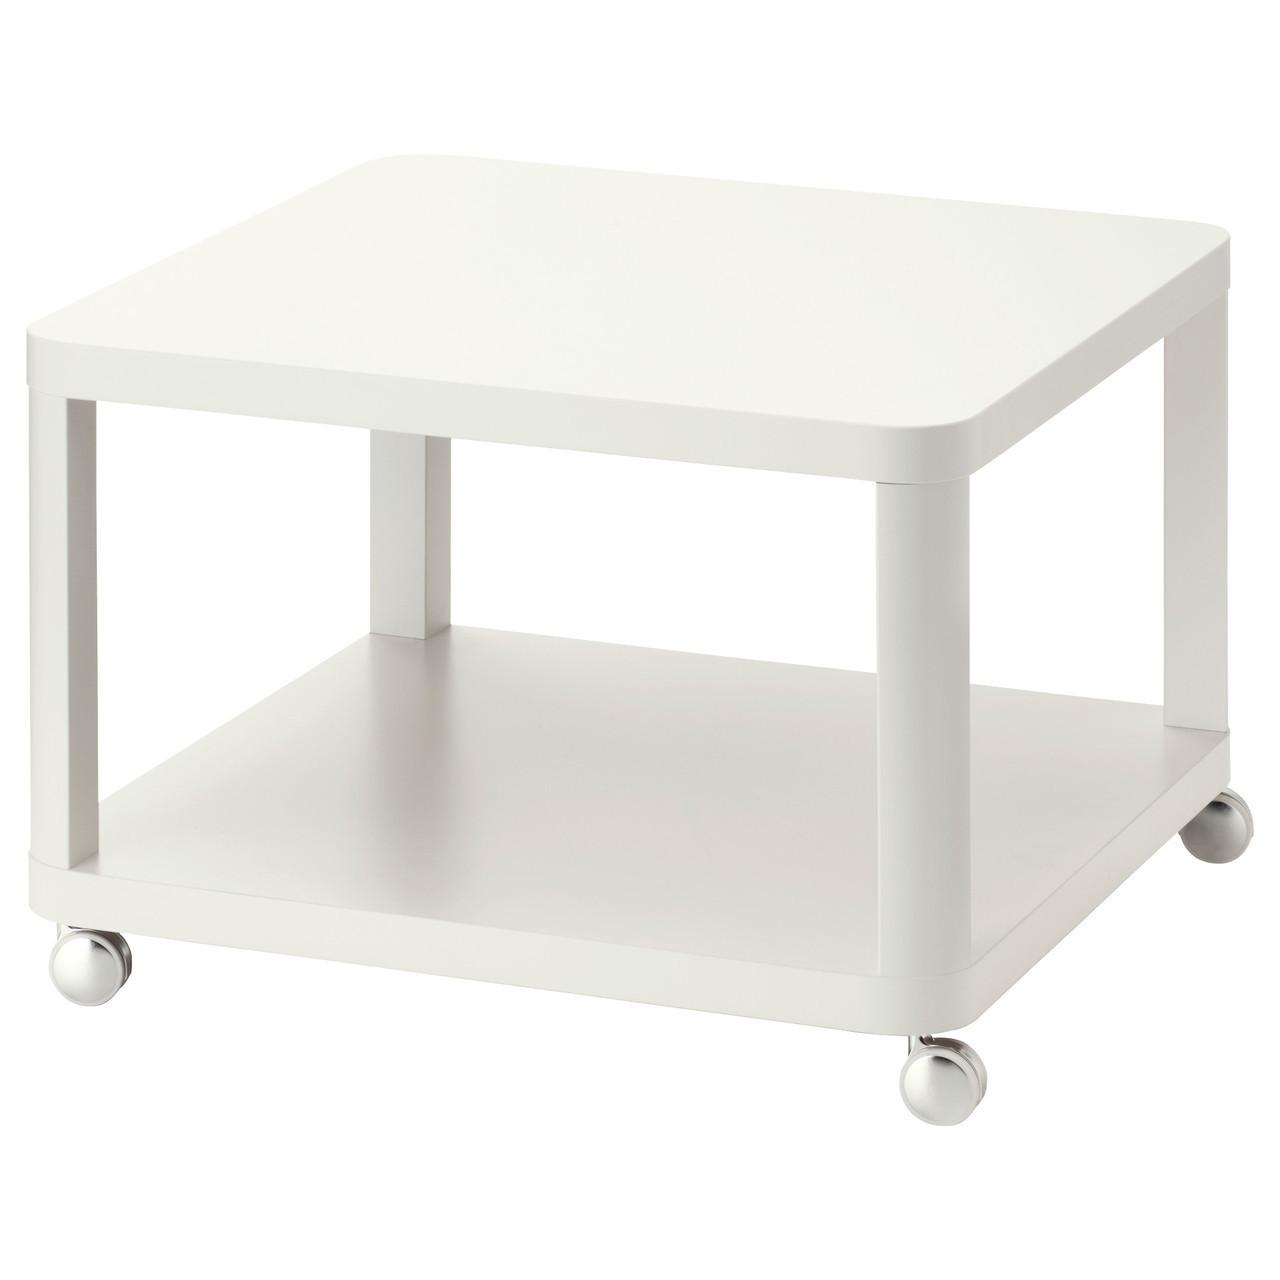 Журнальный стол IKEA TINGBY на колесиках белый 202.959.25